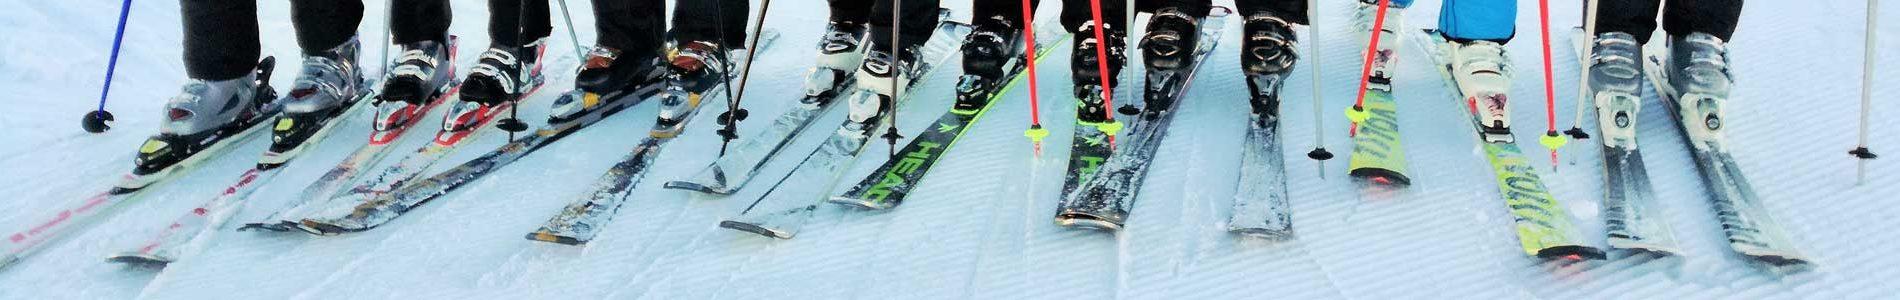 Ski, Snowboard & Inliner